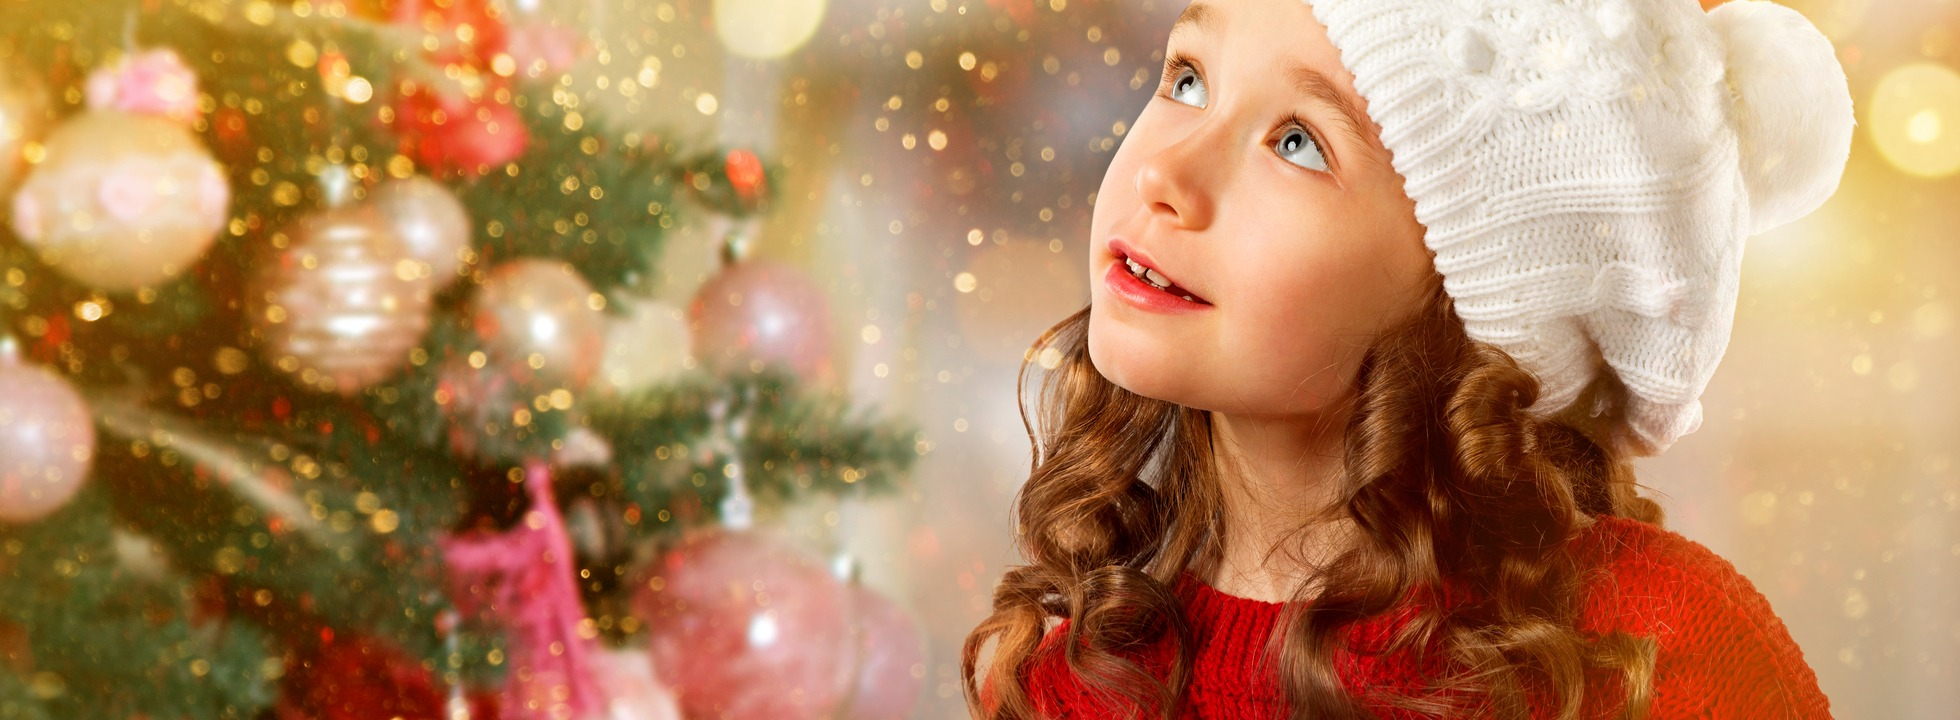 Il Regalo Di Natale Perfetto.Come Scegliere Il Regalo Di Natale Perfetto Fortura